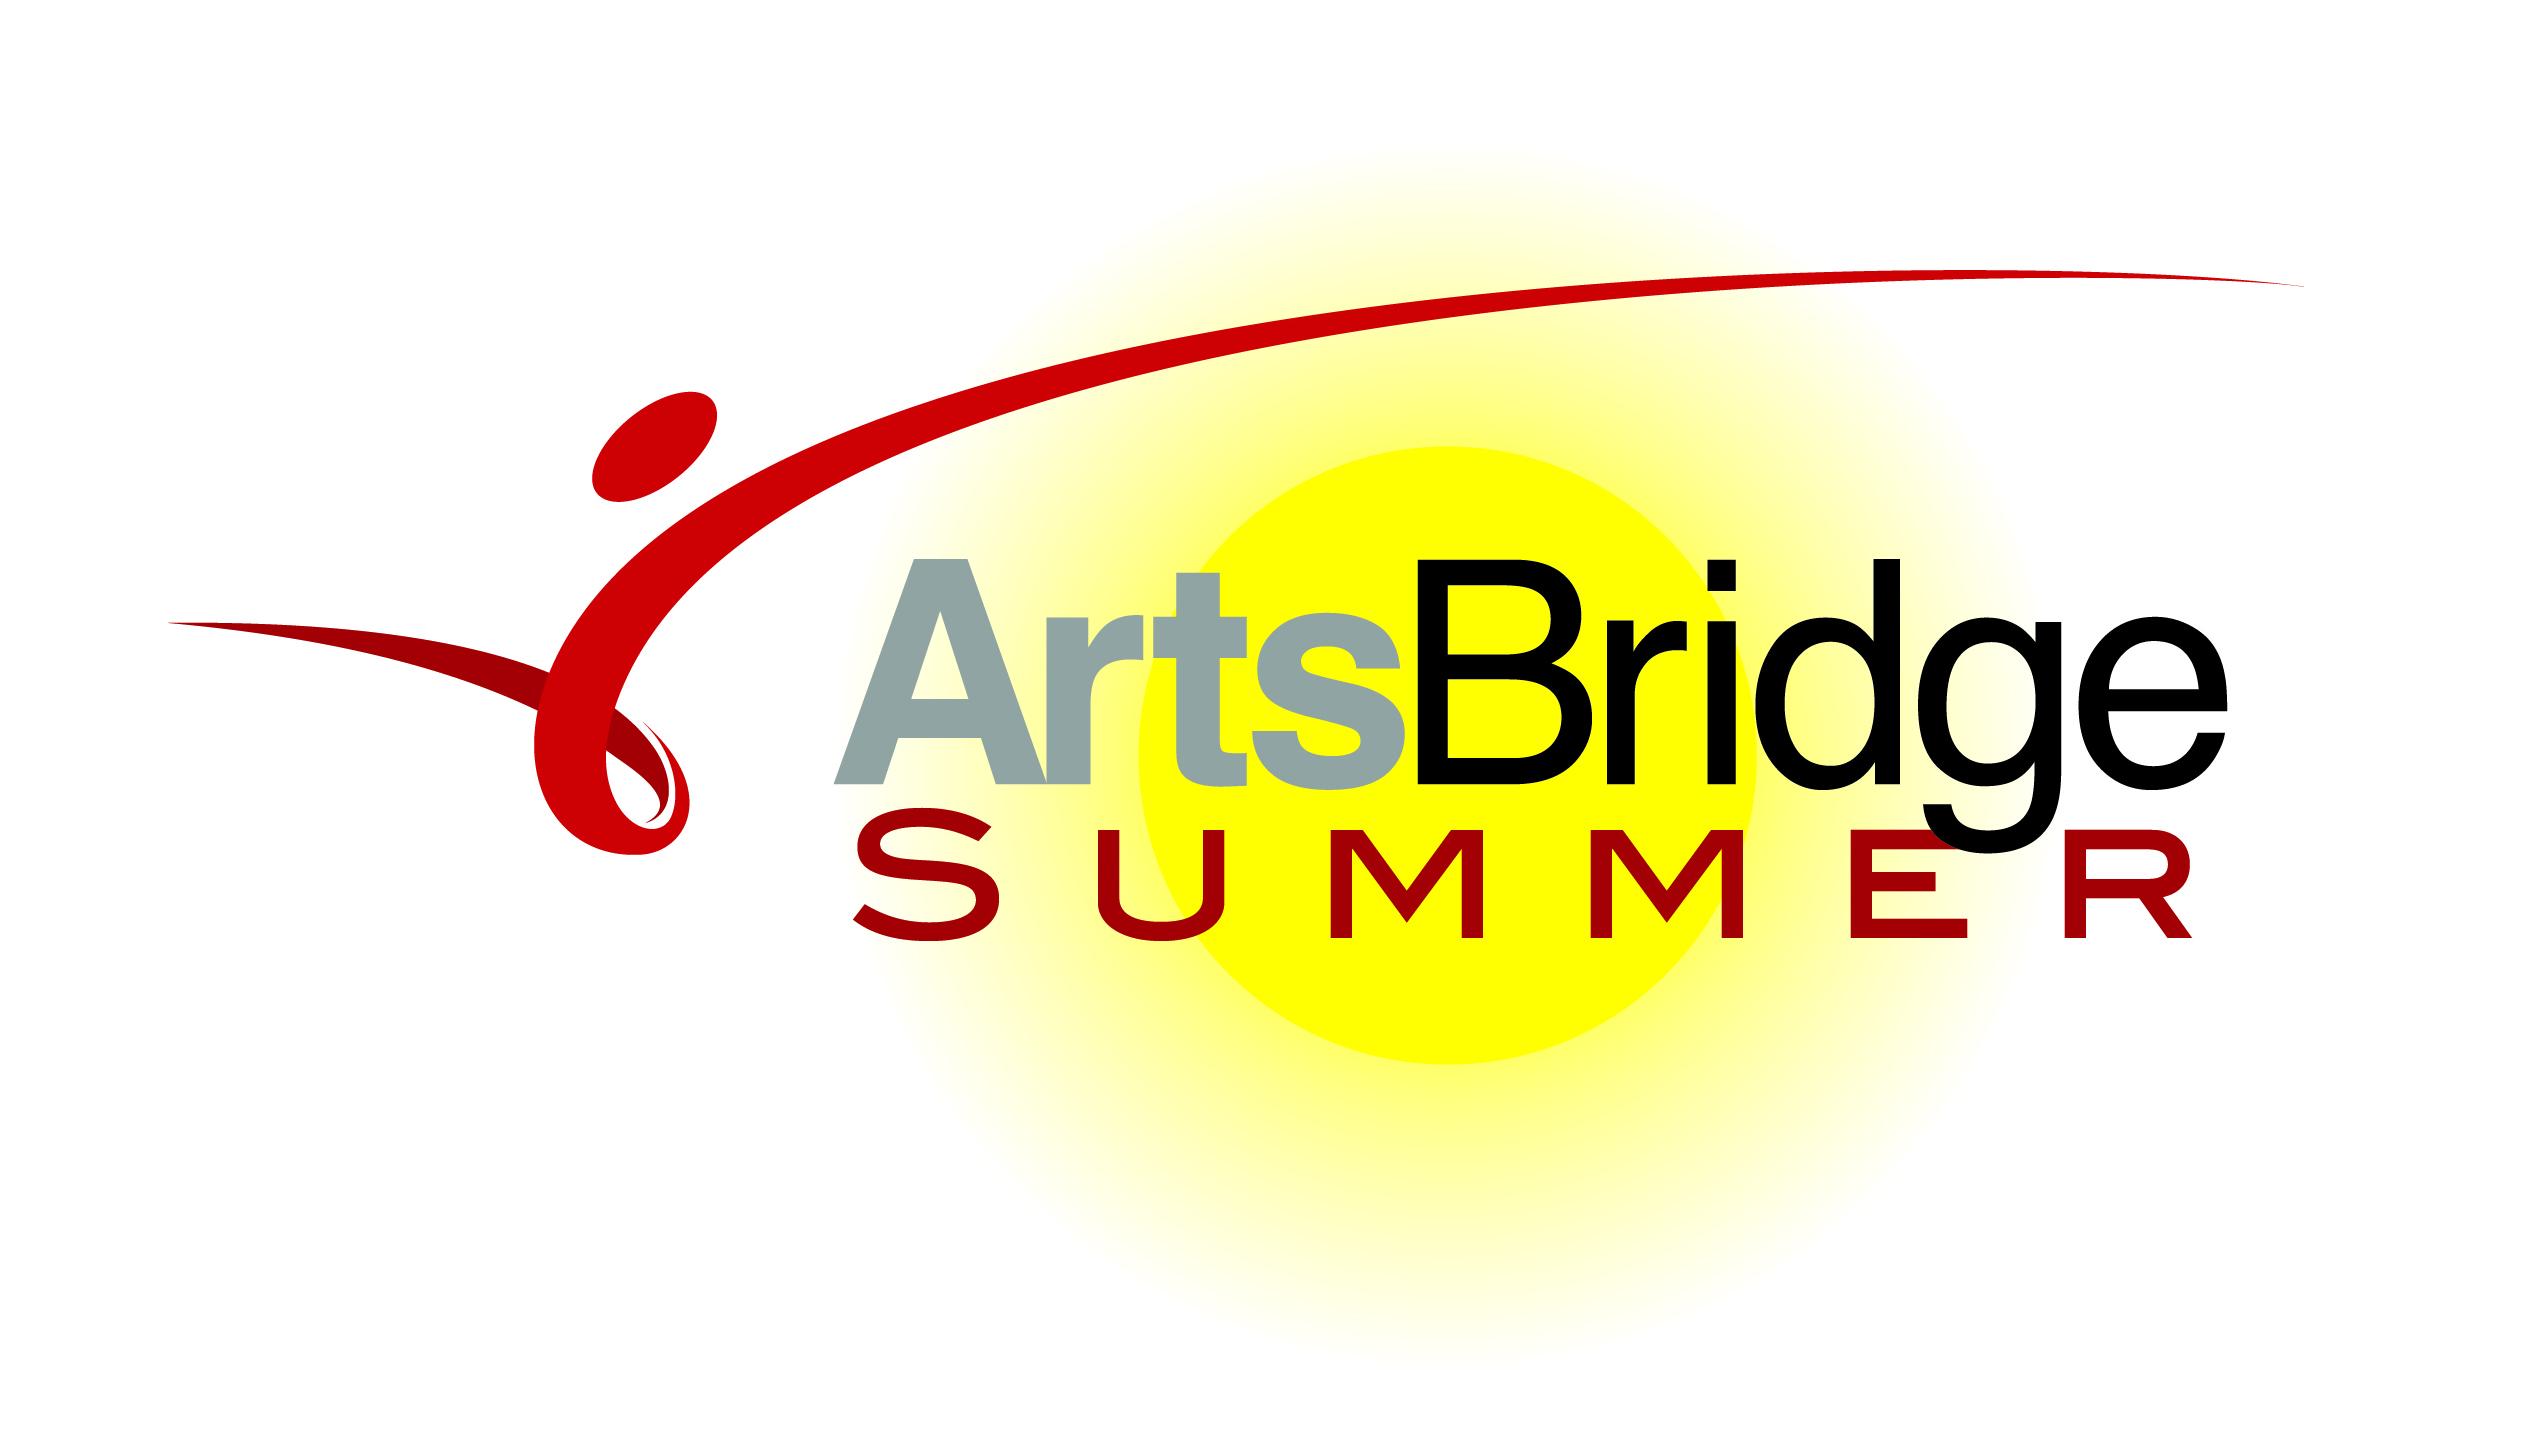 ArtsBridge Summer